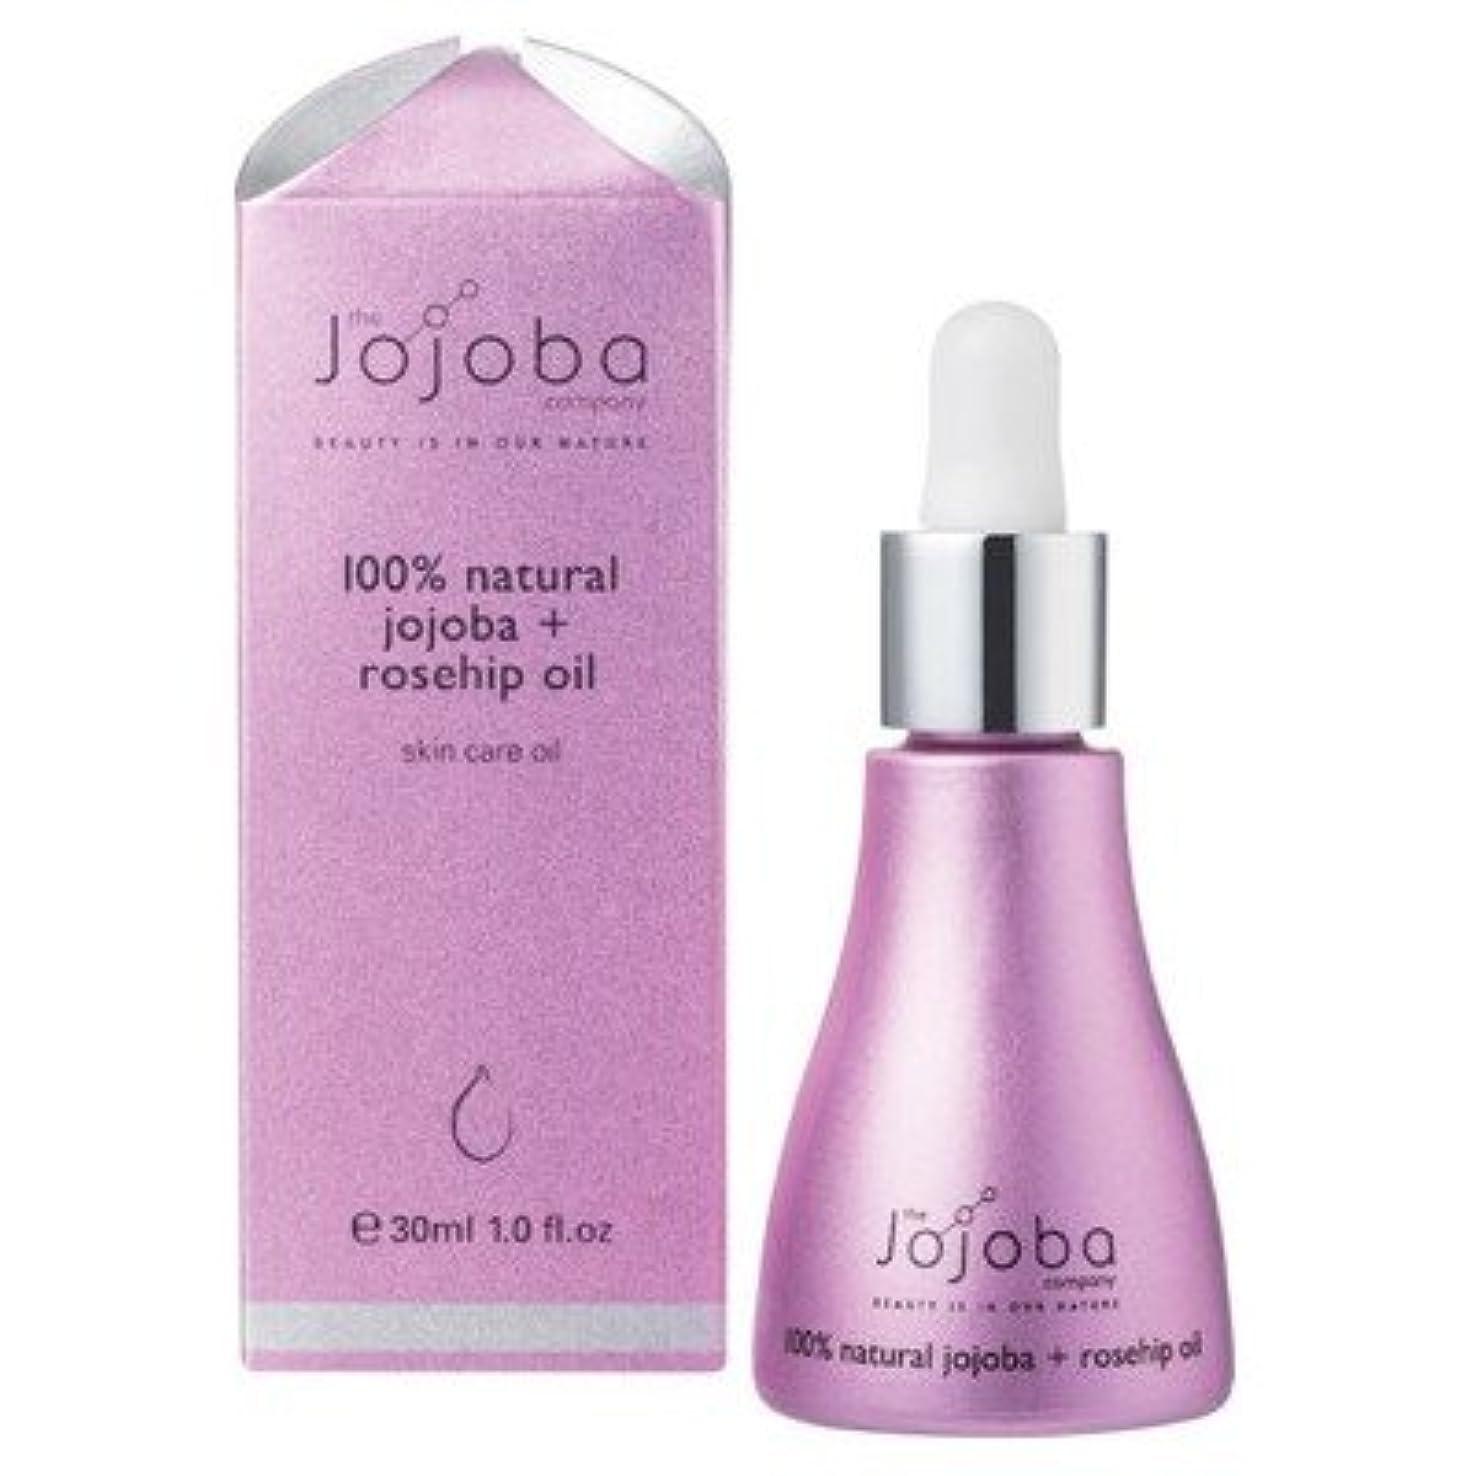 構成員瞑想する引用the Jojoba Company 100% Natural Australian Jojoba Oil + Rosehip Oil ホホバ&ローズヒップブレンドオイル 30ml [海外直送品]